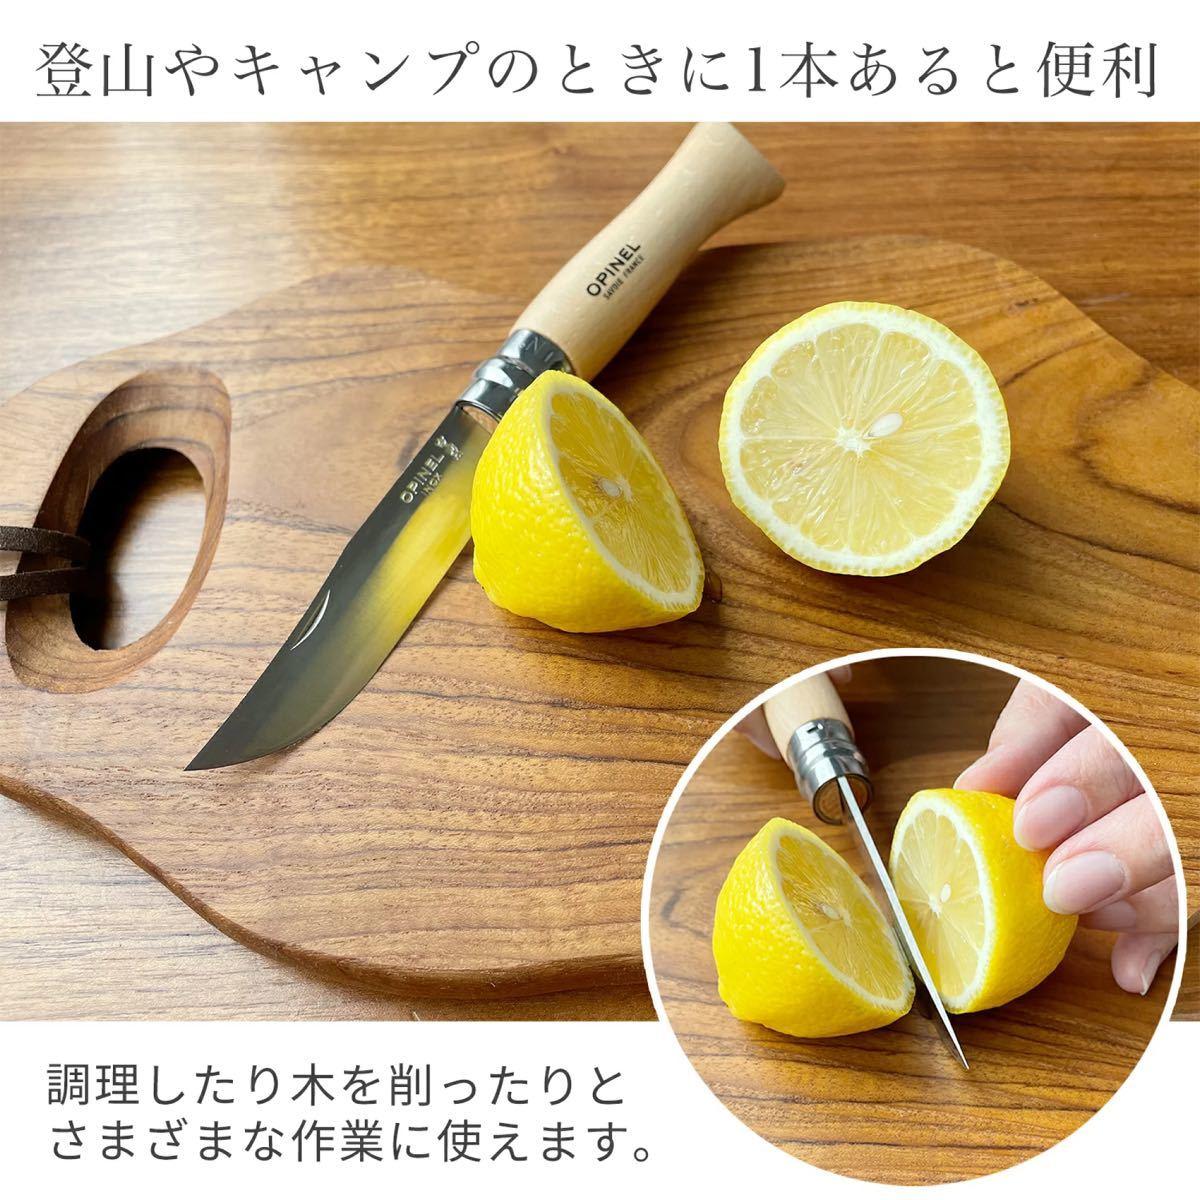 オピネルナイフ #12 12cm  新品 ソロキャンプに オススメ